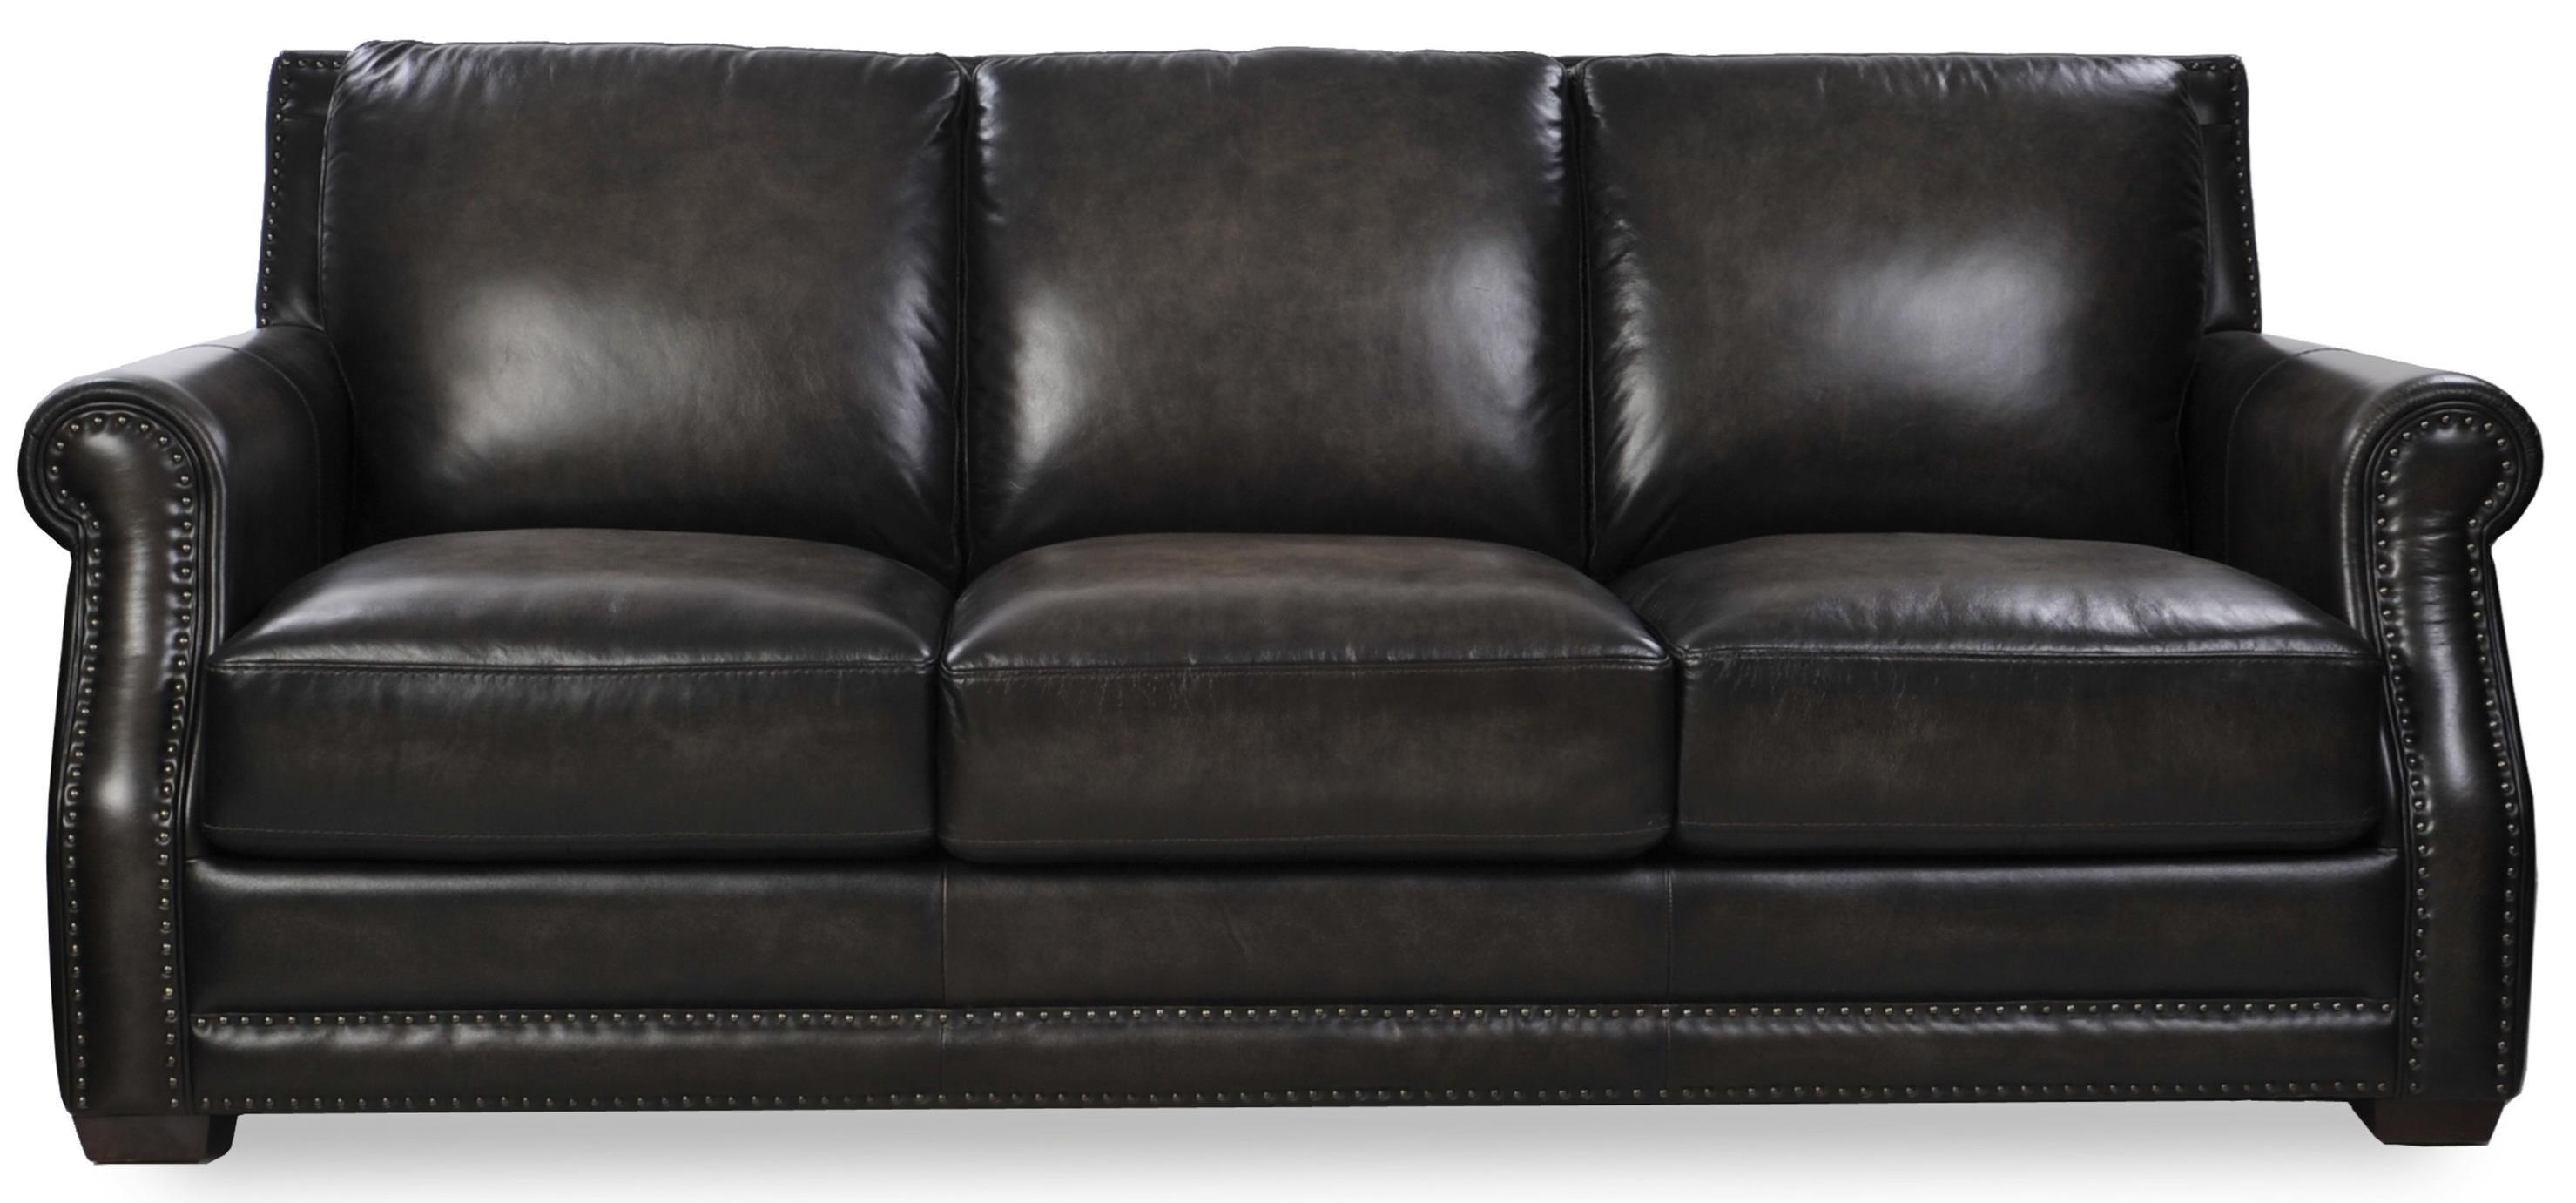 Futura Leather 10030 Sofa - Item Number: 10030-30-2692S